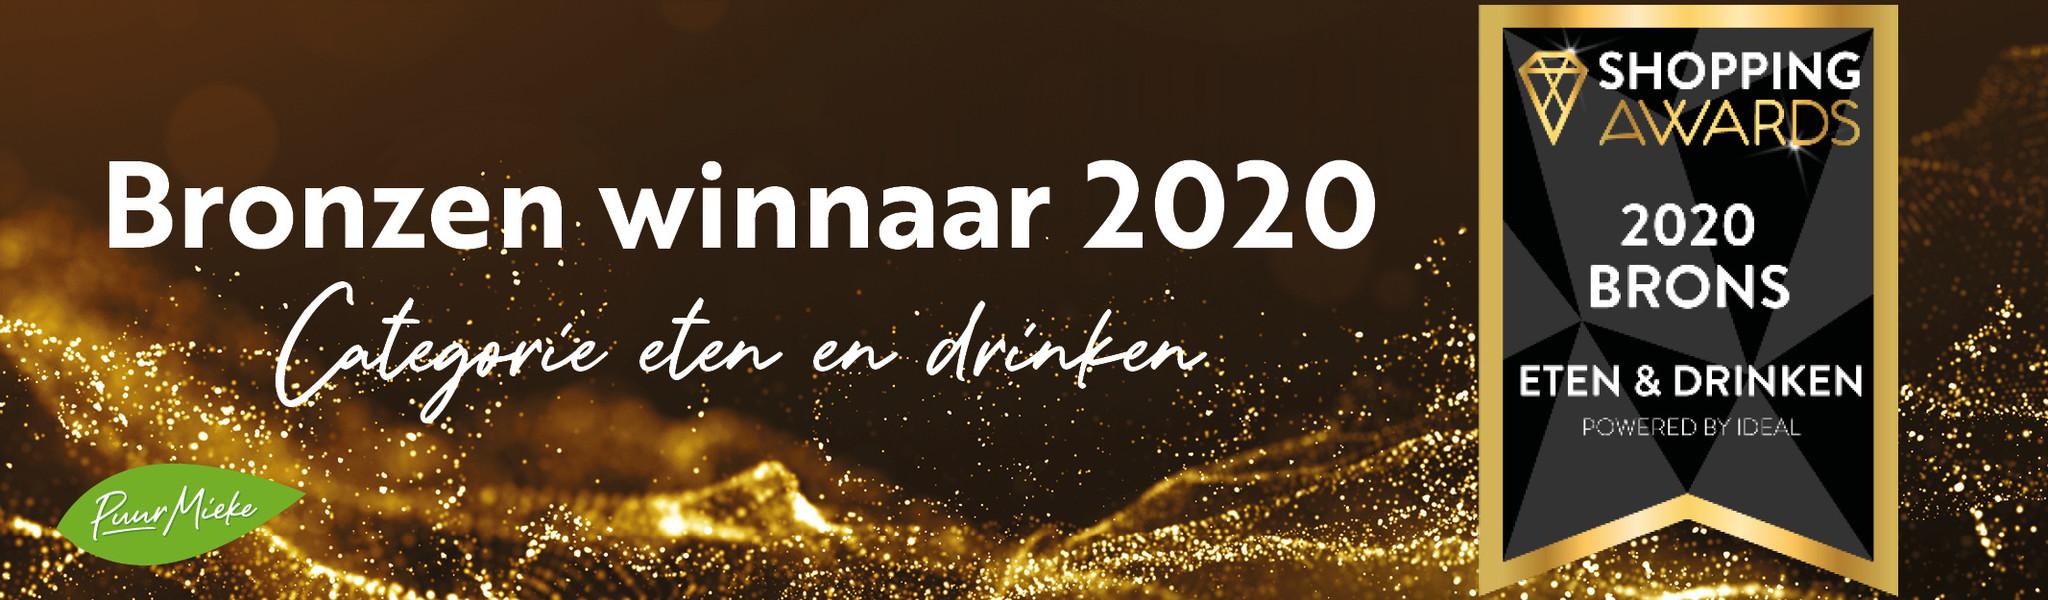 Brozen winnaar 2020 shopping awards